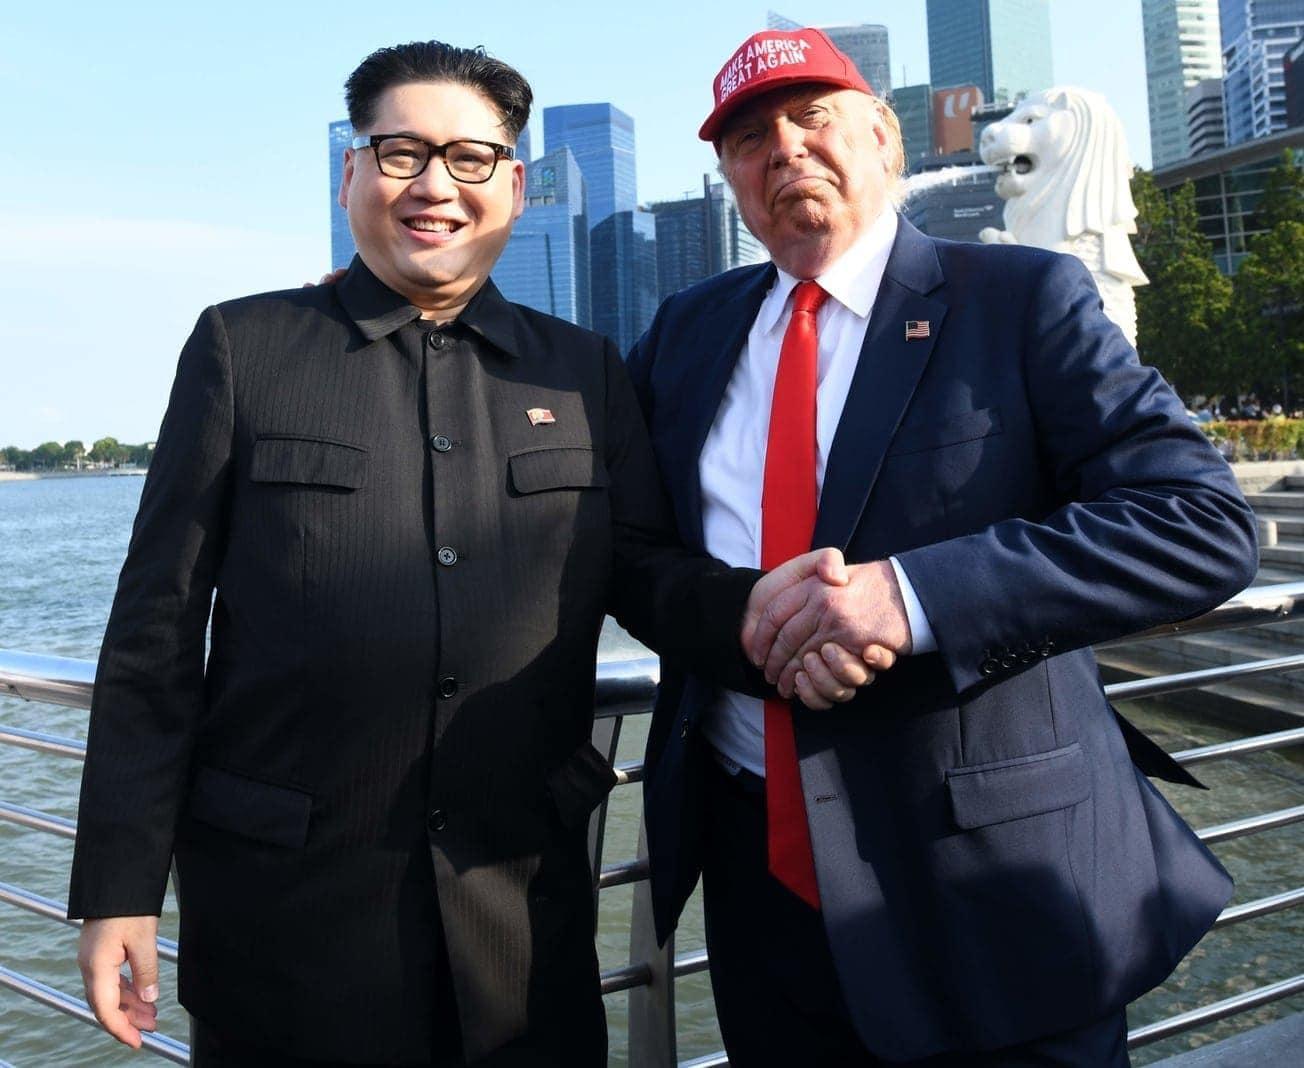 """war wieder mit der Trump-typischen Frisur unterwegs. Dazu trug er einen dunklen Anzug mit roter Krawatte und eine """"Make Amerika Great Again""""-Kappe auf dem Kopf.</p> Foto: AFP"""